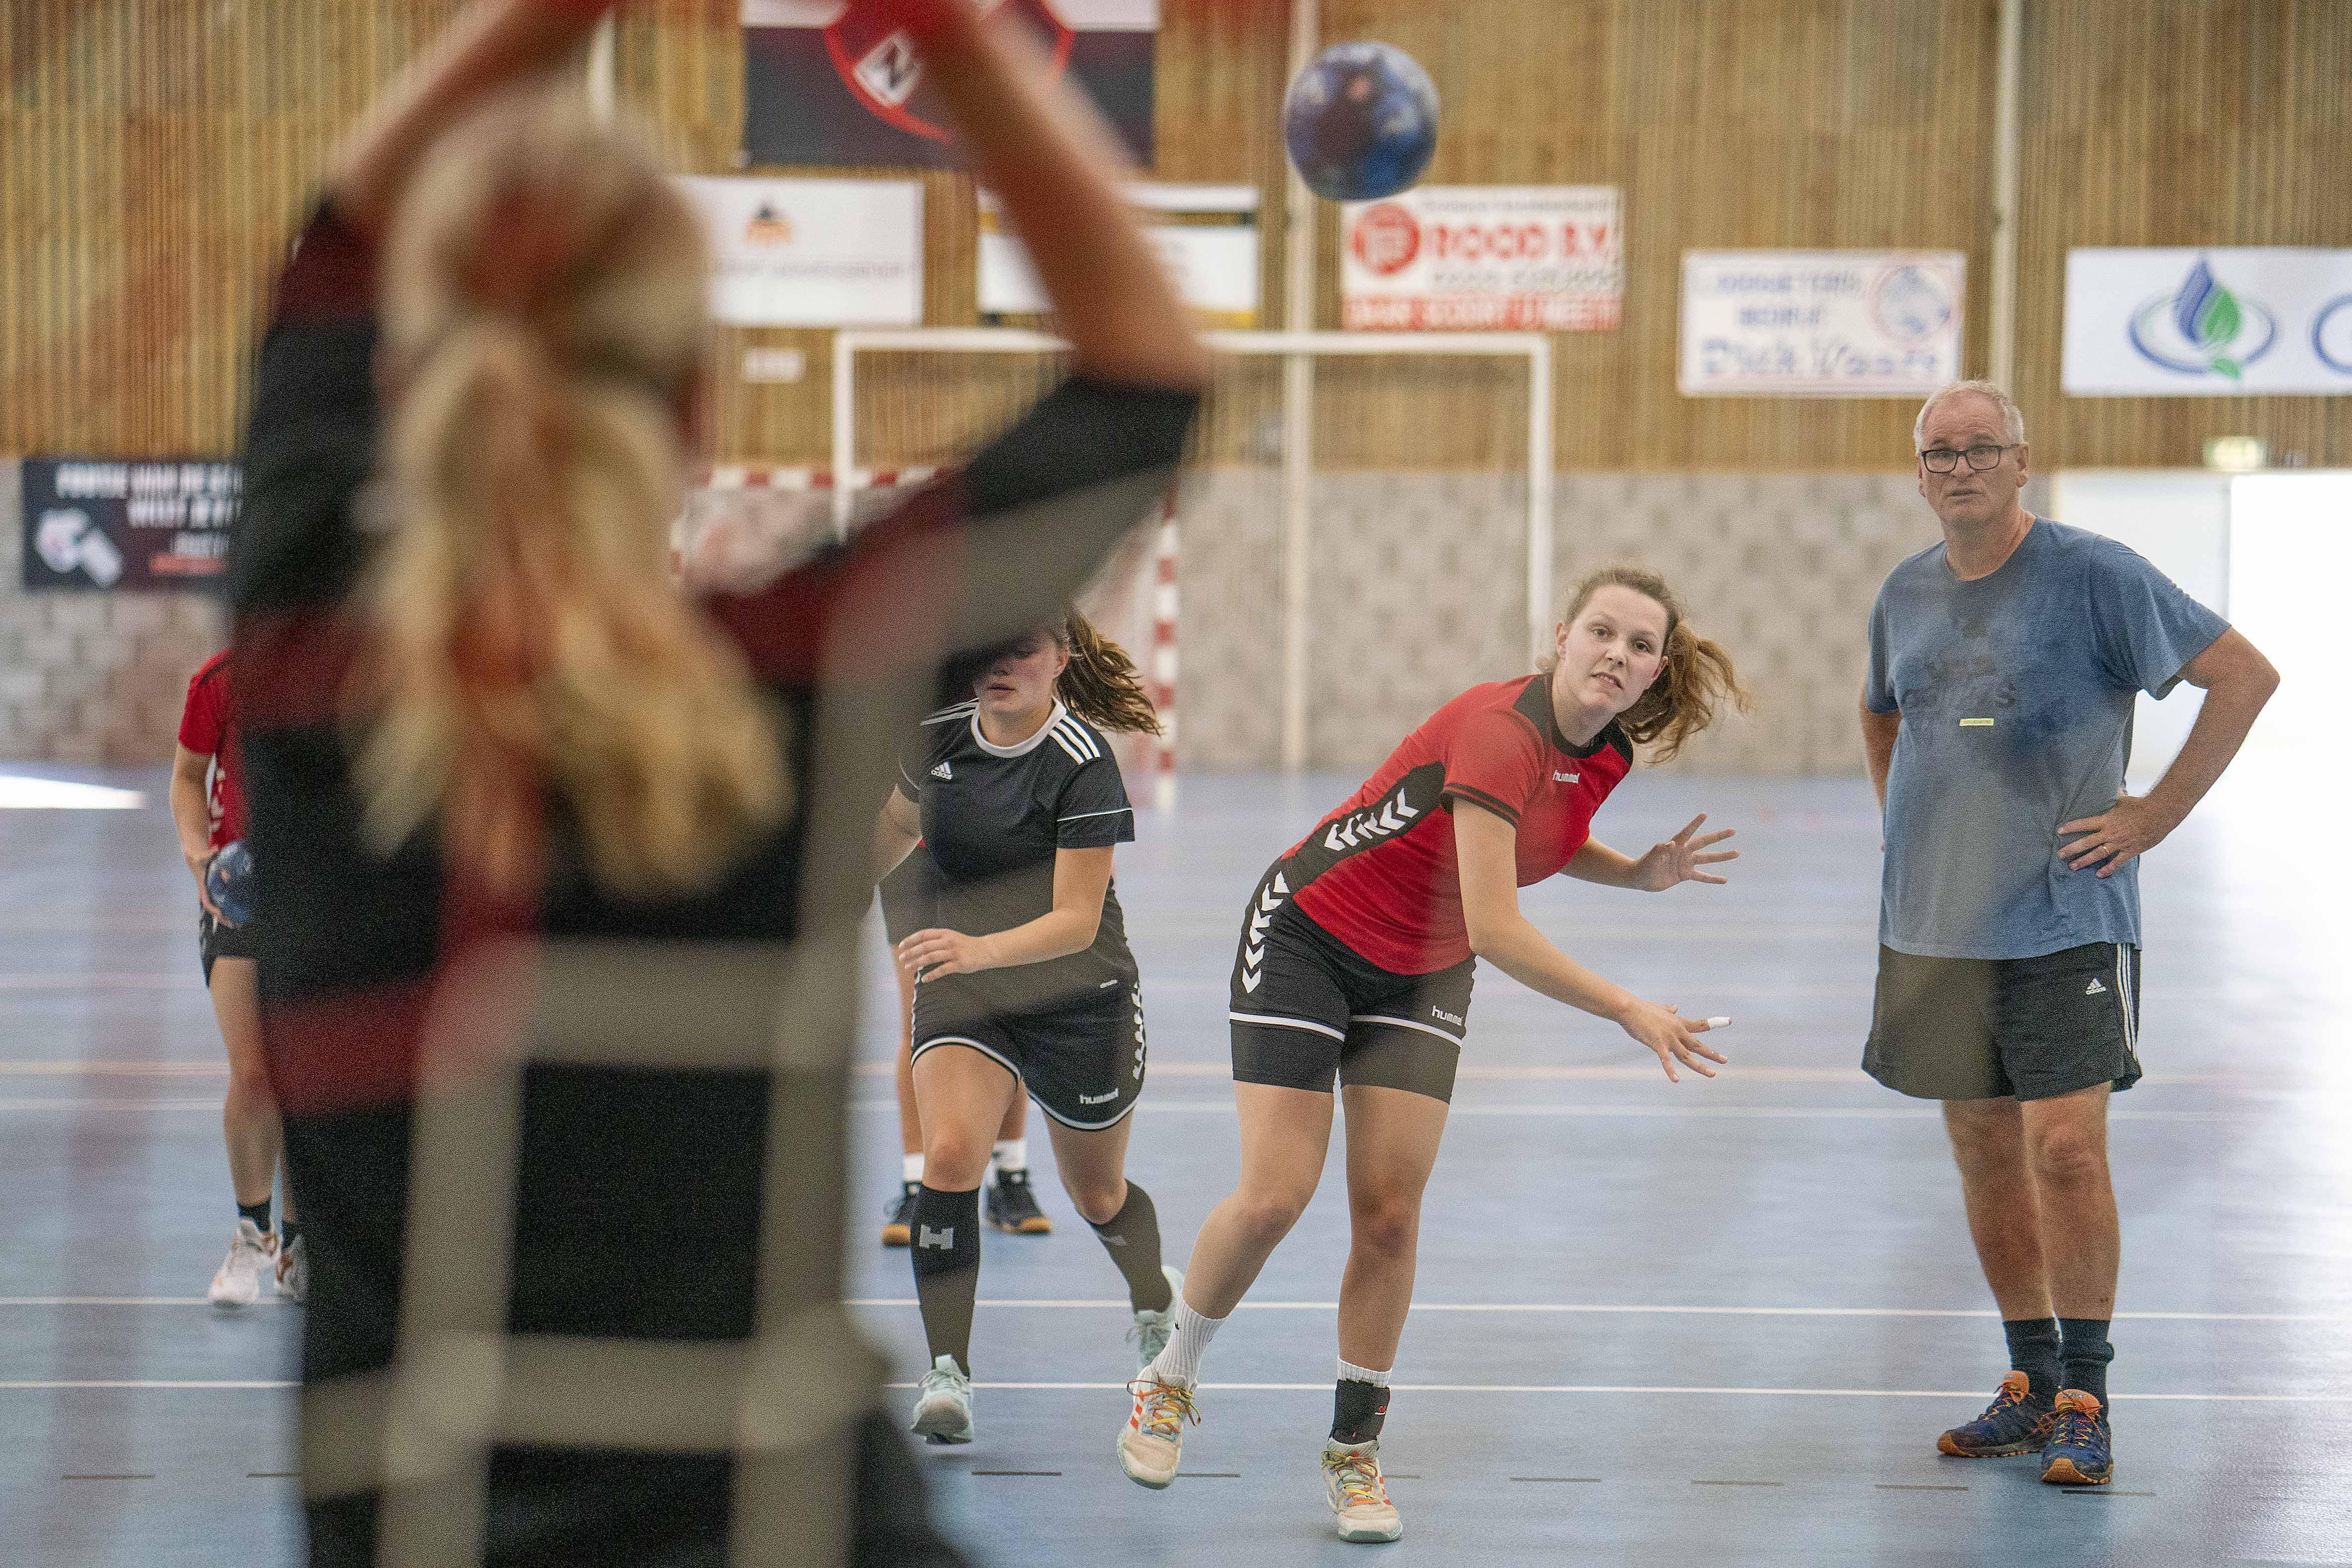 ZAP is handbalseizoen gestart, maar trainer Ronald van de Kamp vraagt zich af voor hoe lang: 'Mensen zijn losser geworden'